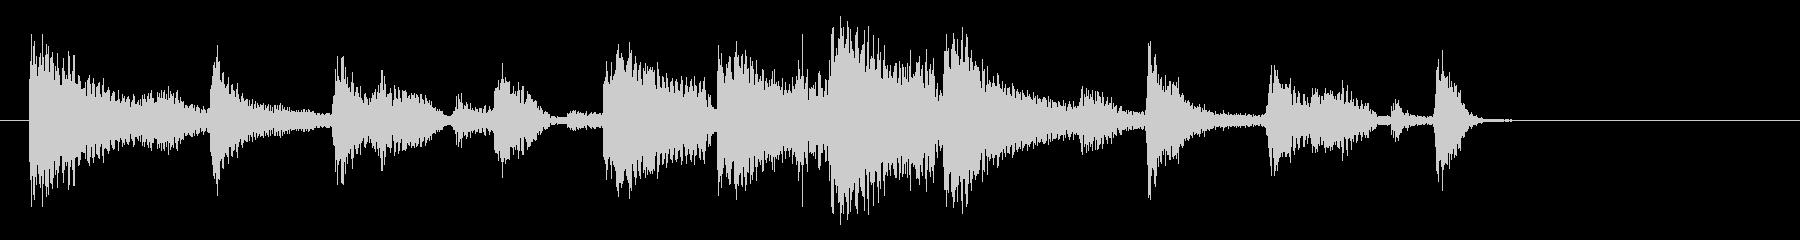 緩めのツインギターでのブルースジングルの未再生の波形